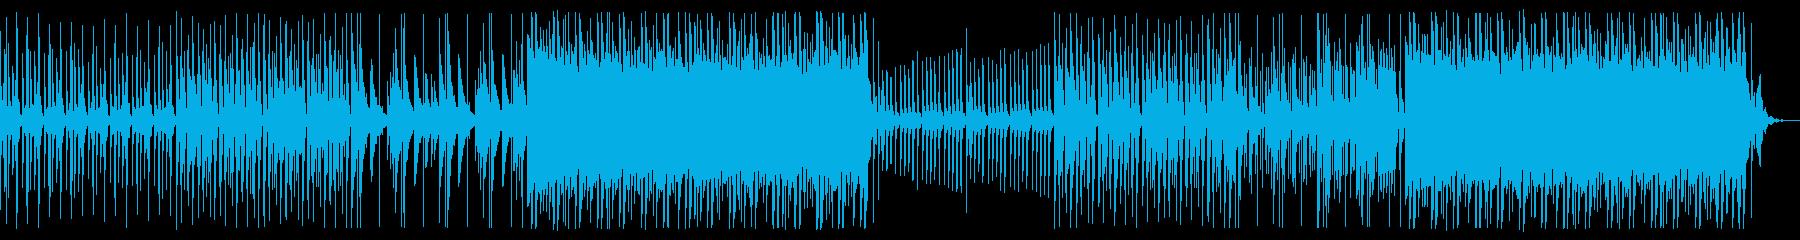 夏。青い海。トロピカルハウス_2の再生済みの波形